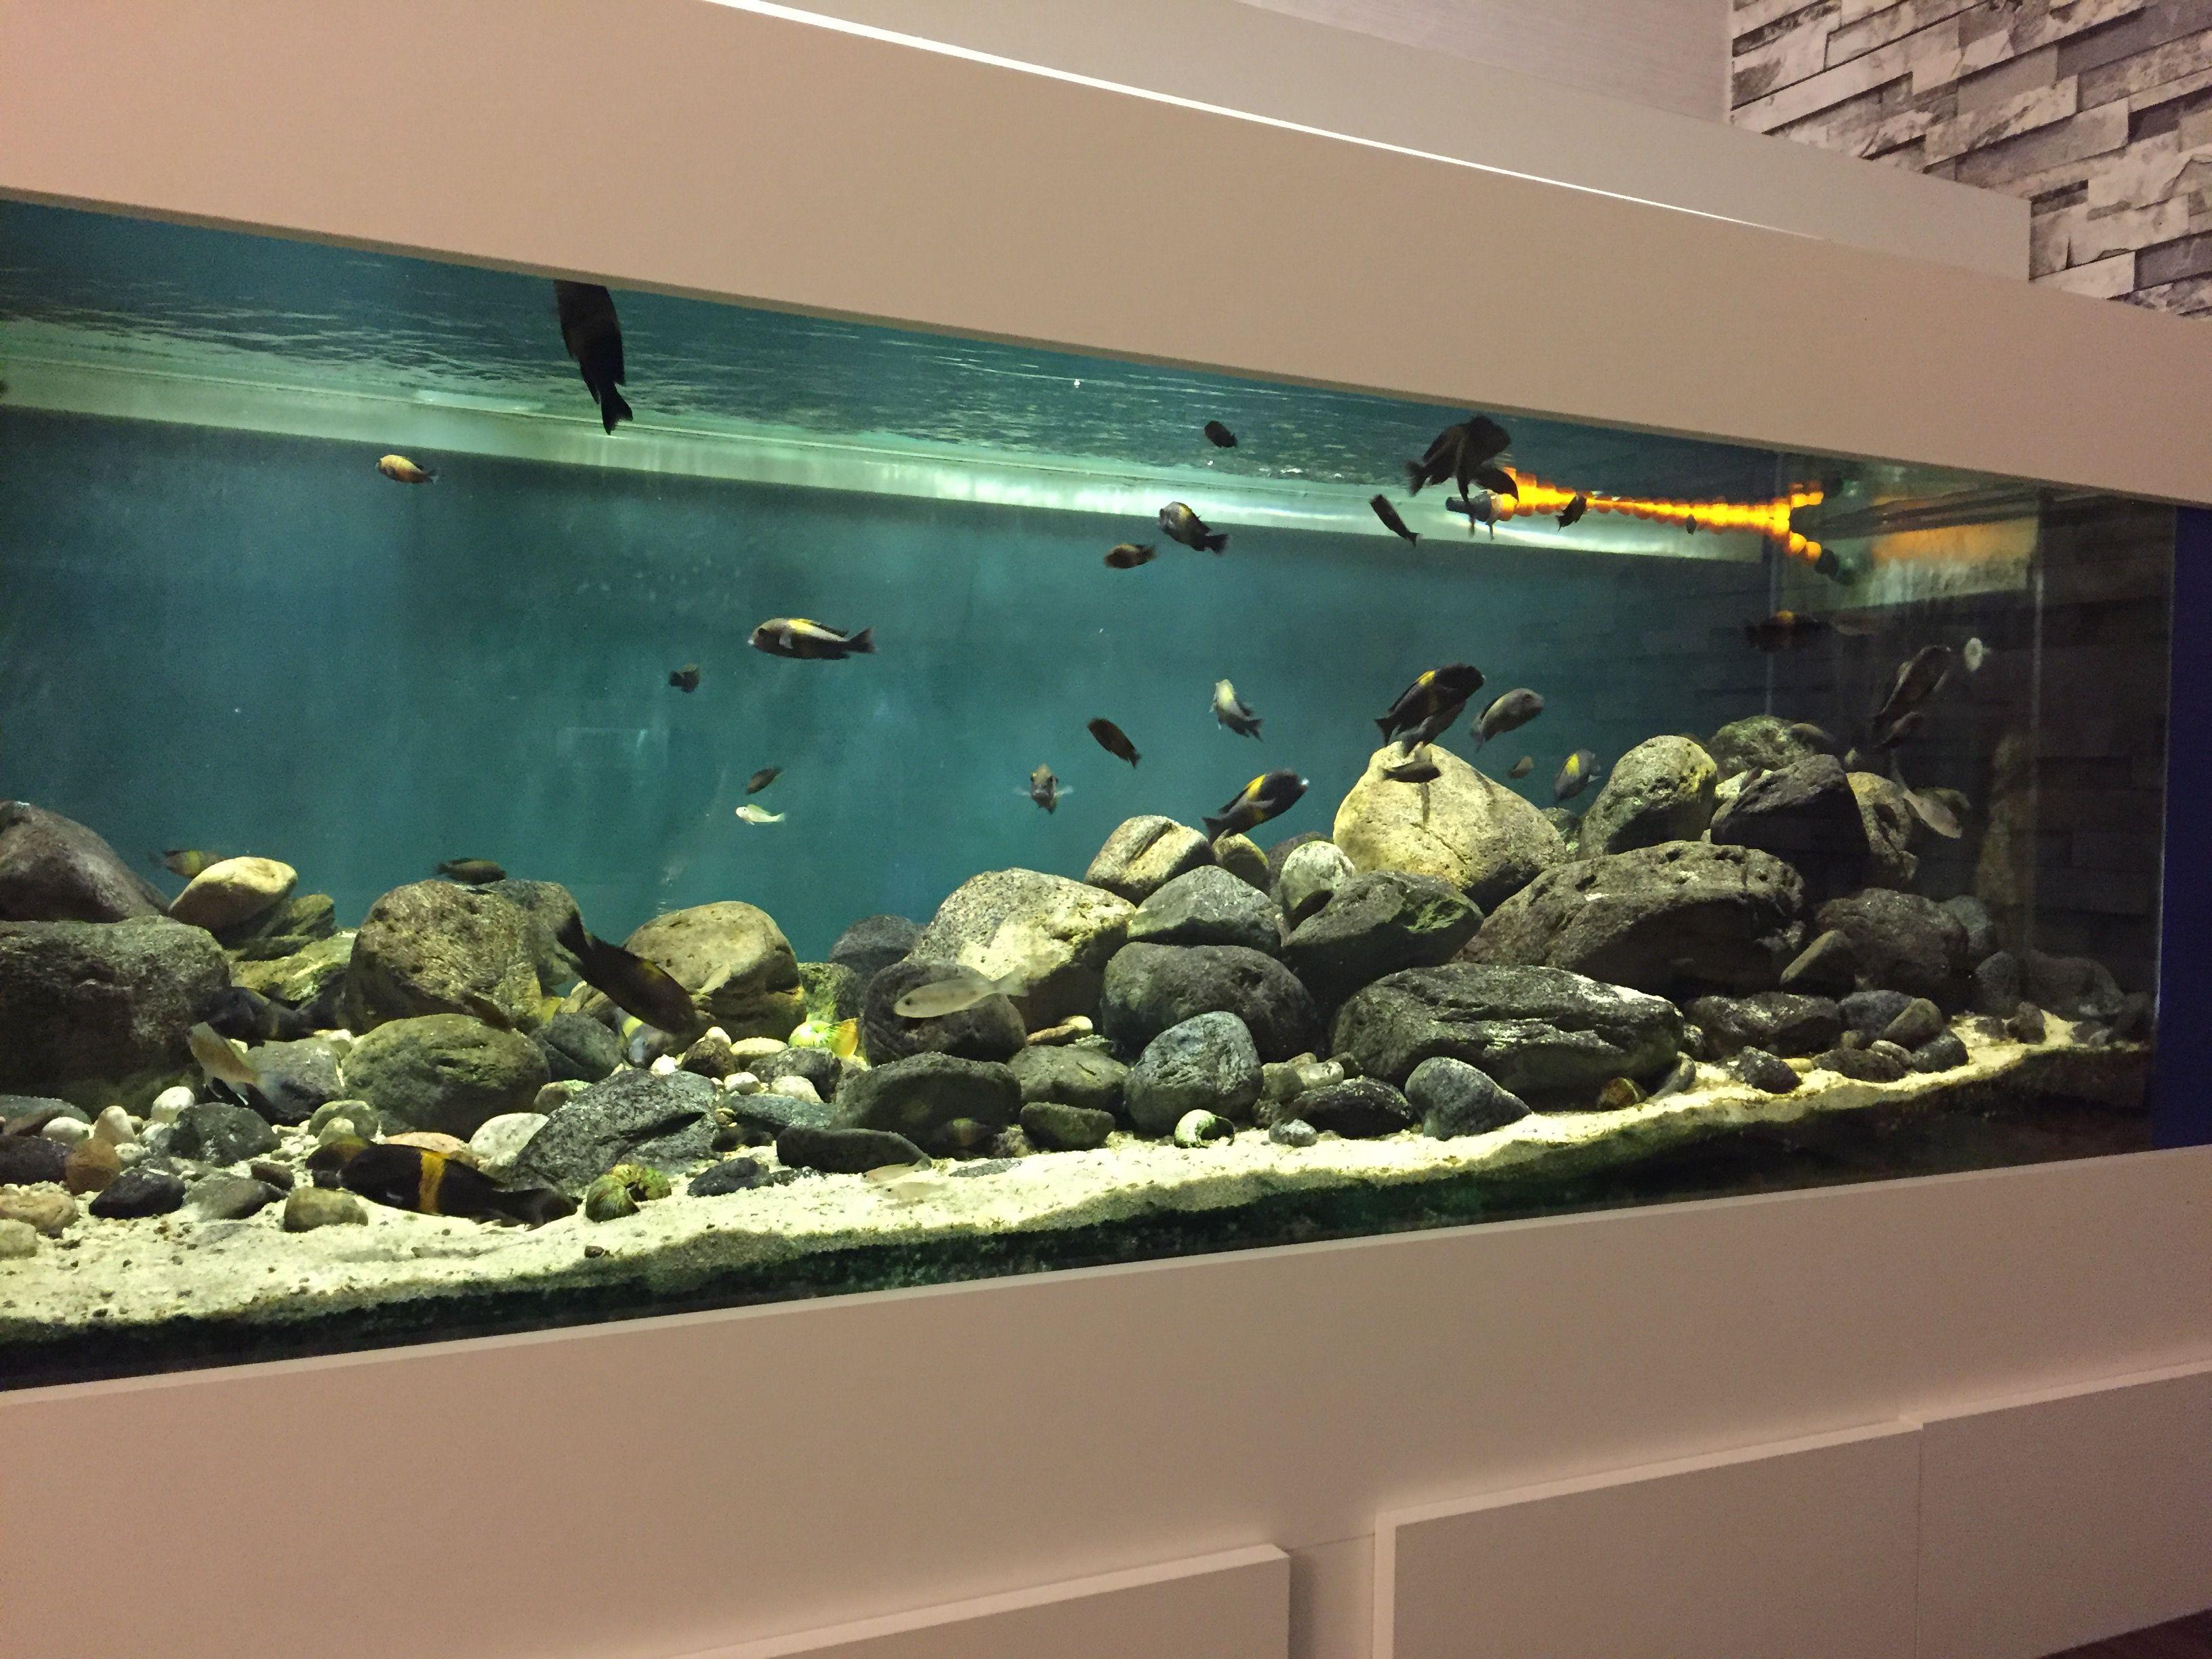 4ffb4045bed717faf9bf8aa46dd83739 Incroyable De Aquarium Deco Des Idées